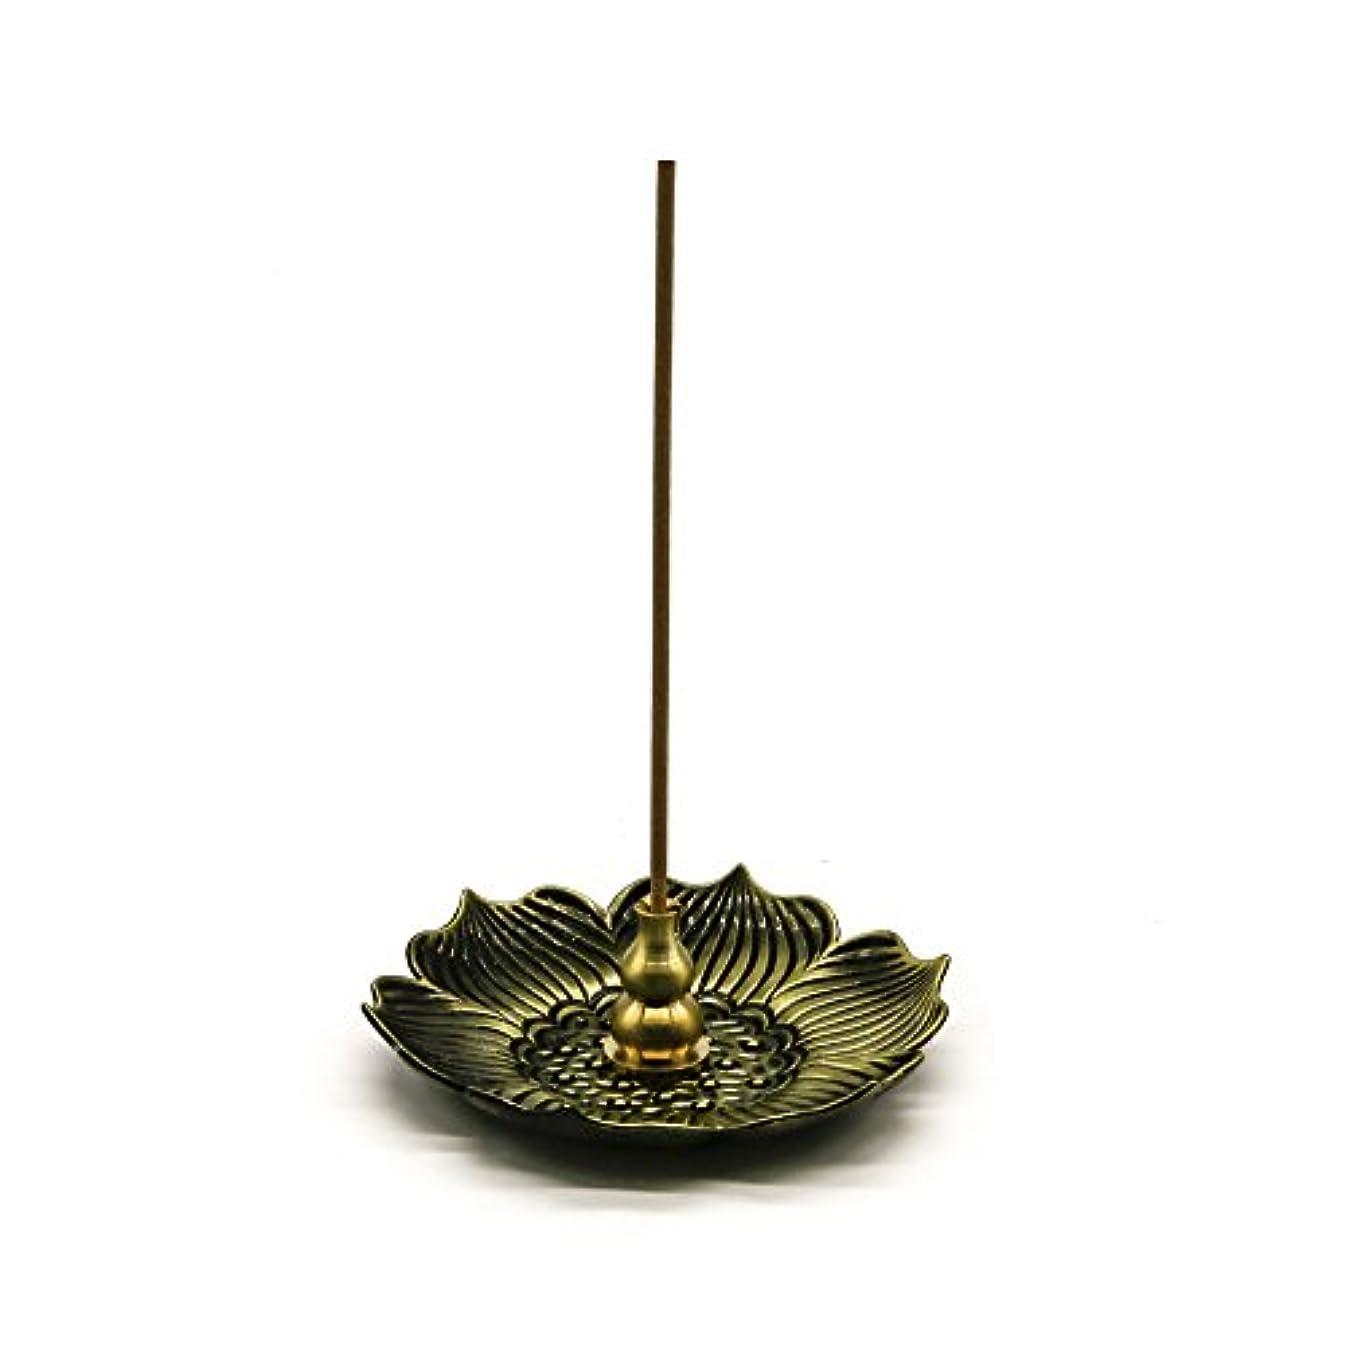 コミュニティ実装する排泄するomonicブロンズLotus Dish Stick Incense Burnerホルダー(スティック/コーン/コイルIncense )アロマセラピー炉Diffuser forホームインテリア